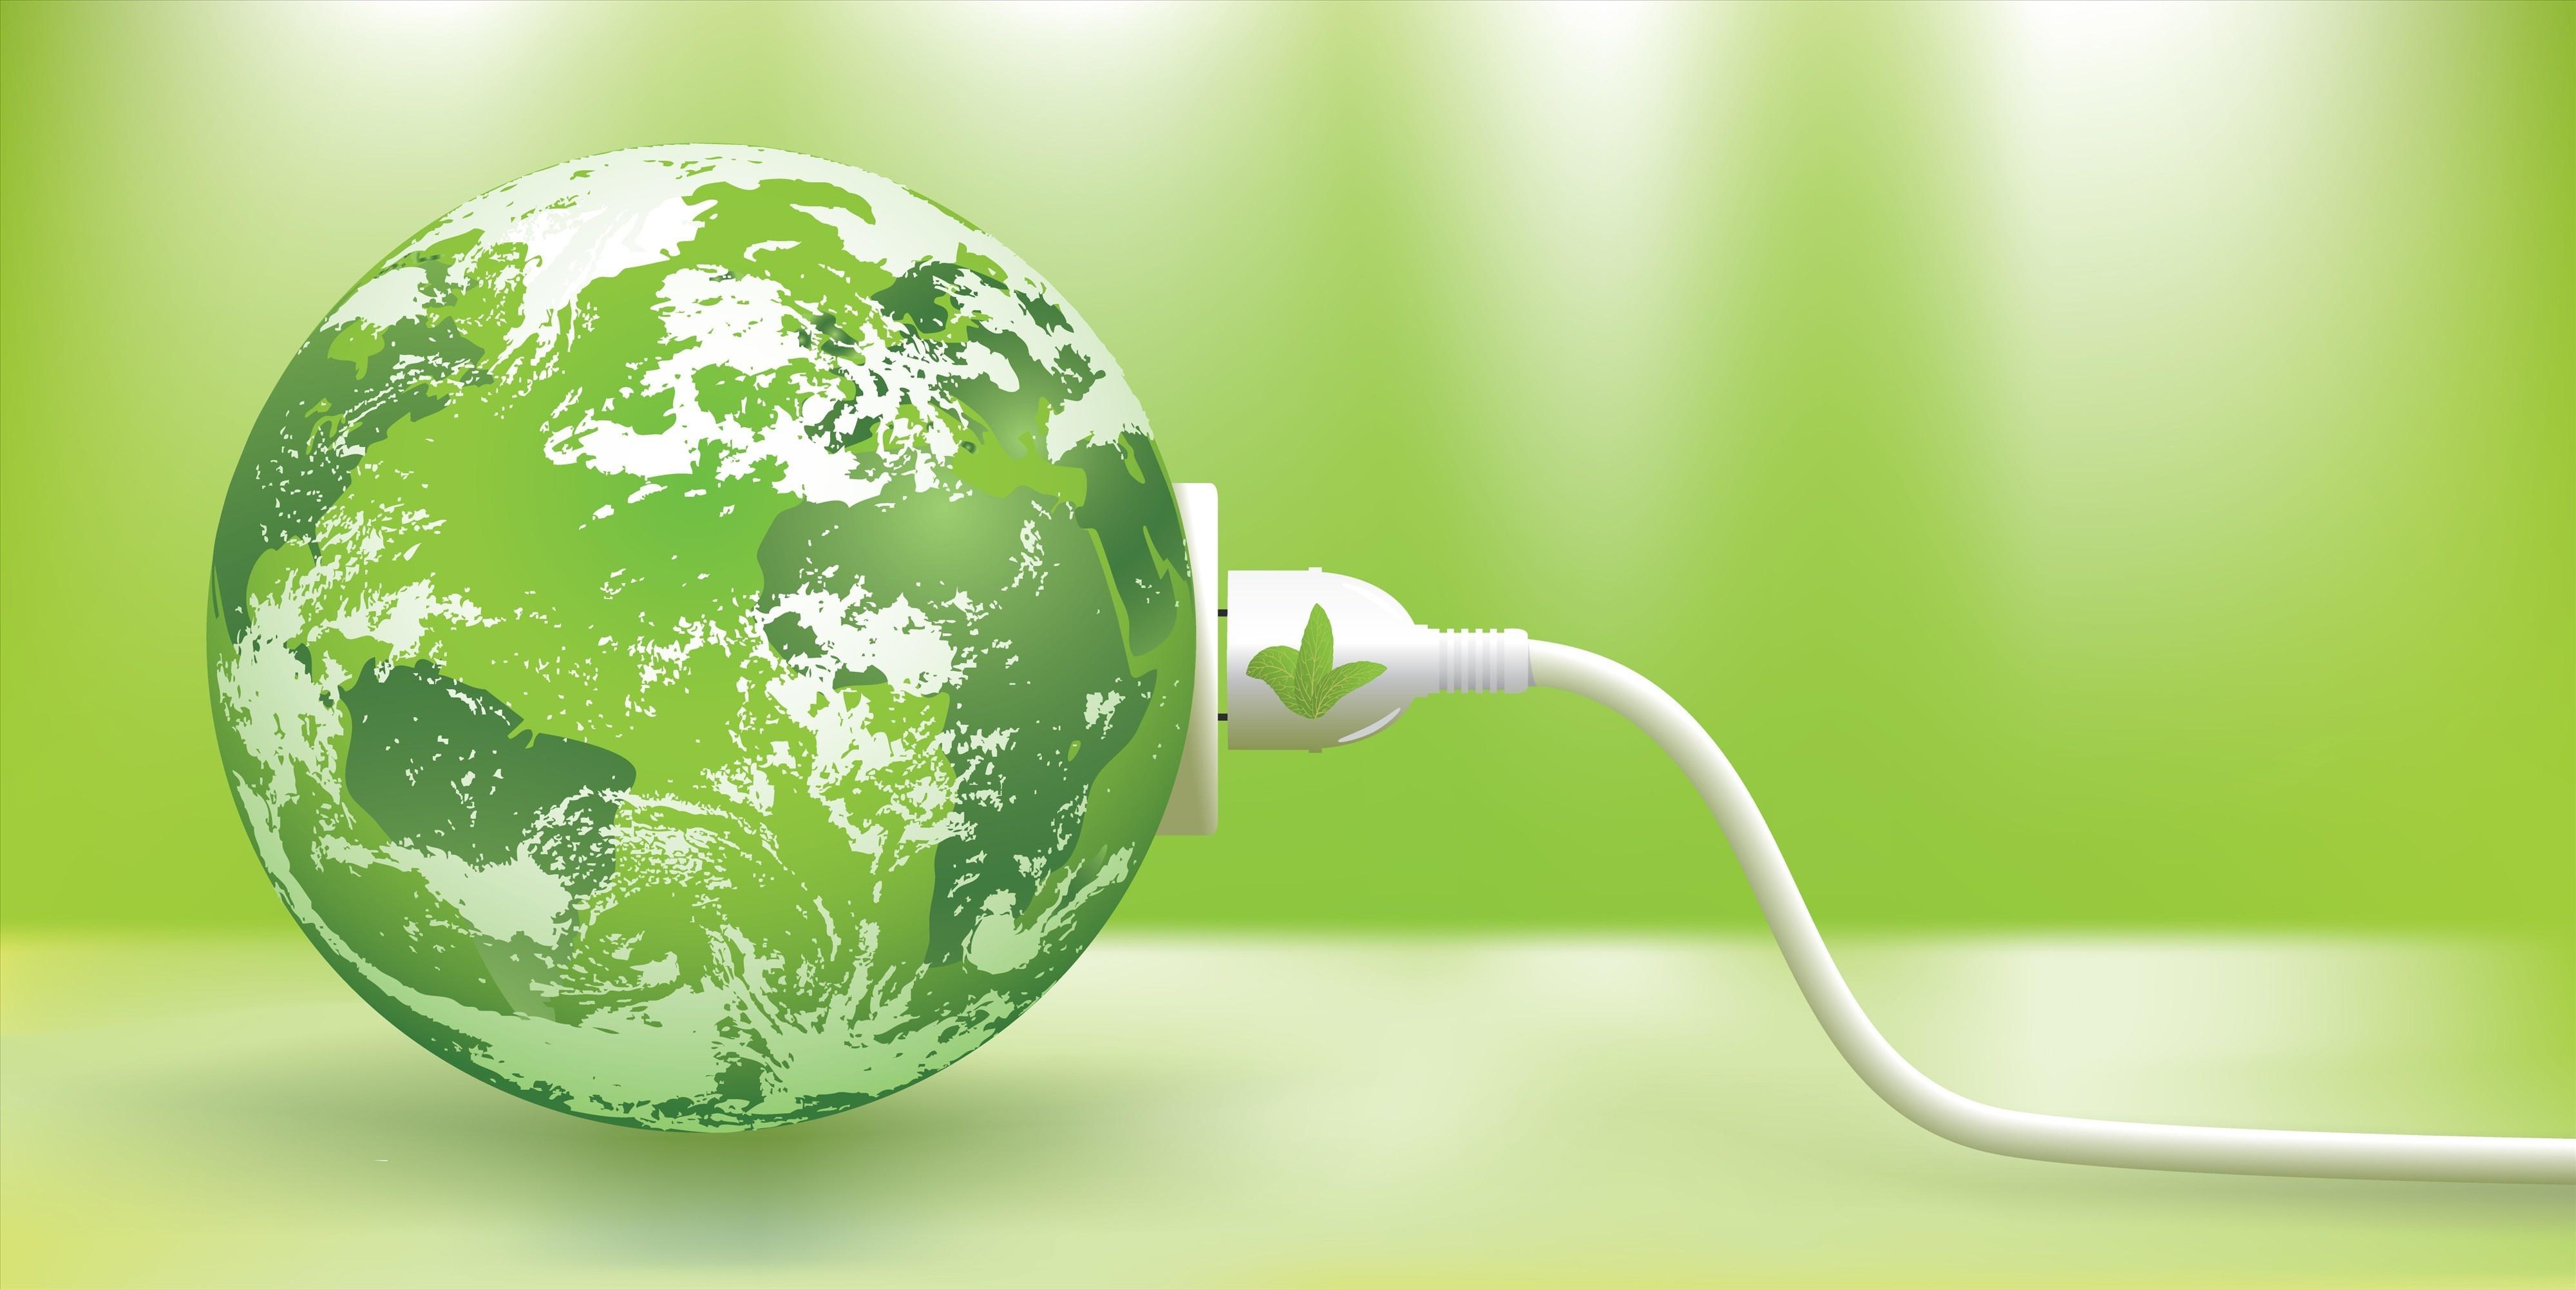 """EY: Tranzacţiile din energie au atins nivelul record de 63 mld. dolari în T1, la nivel european. """"În România este posibil să vedem tranzacţii în domeniul energiilor regenerabile."""""""